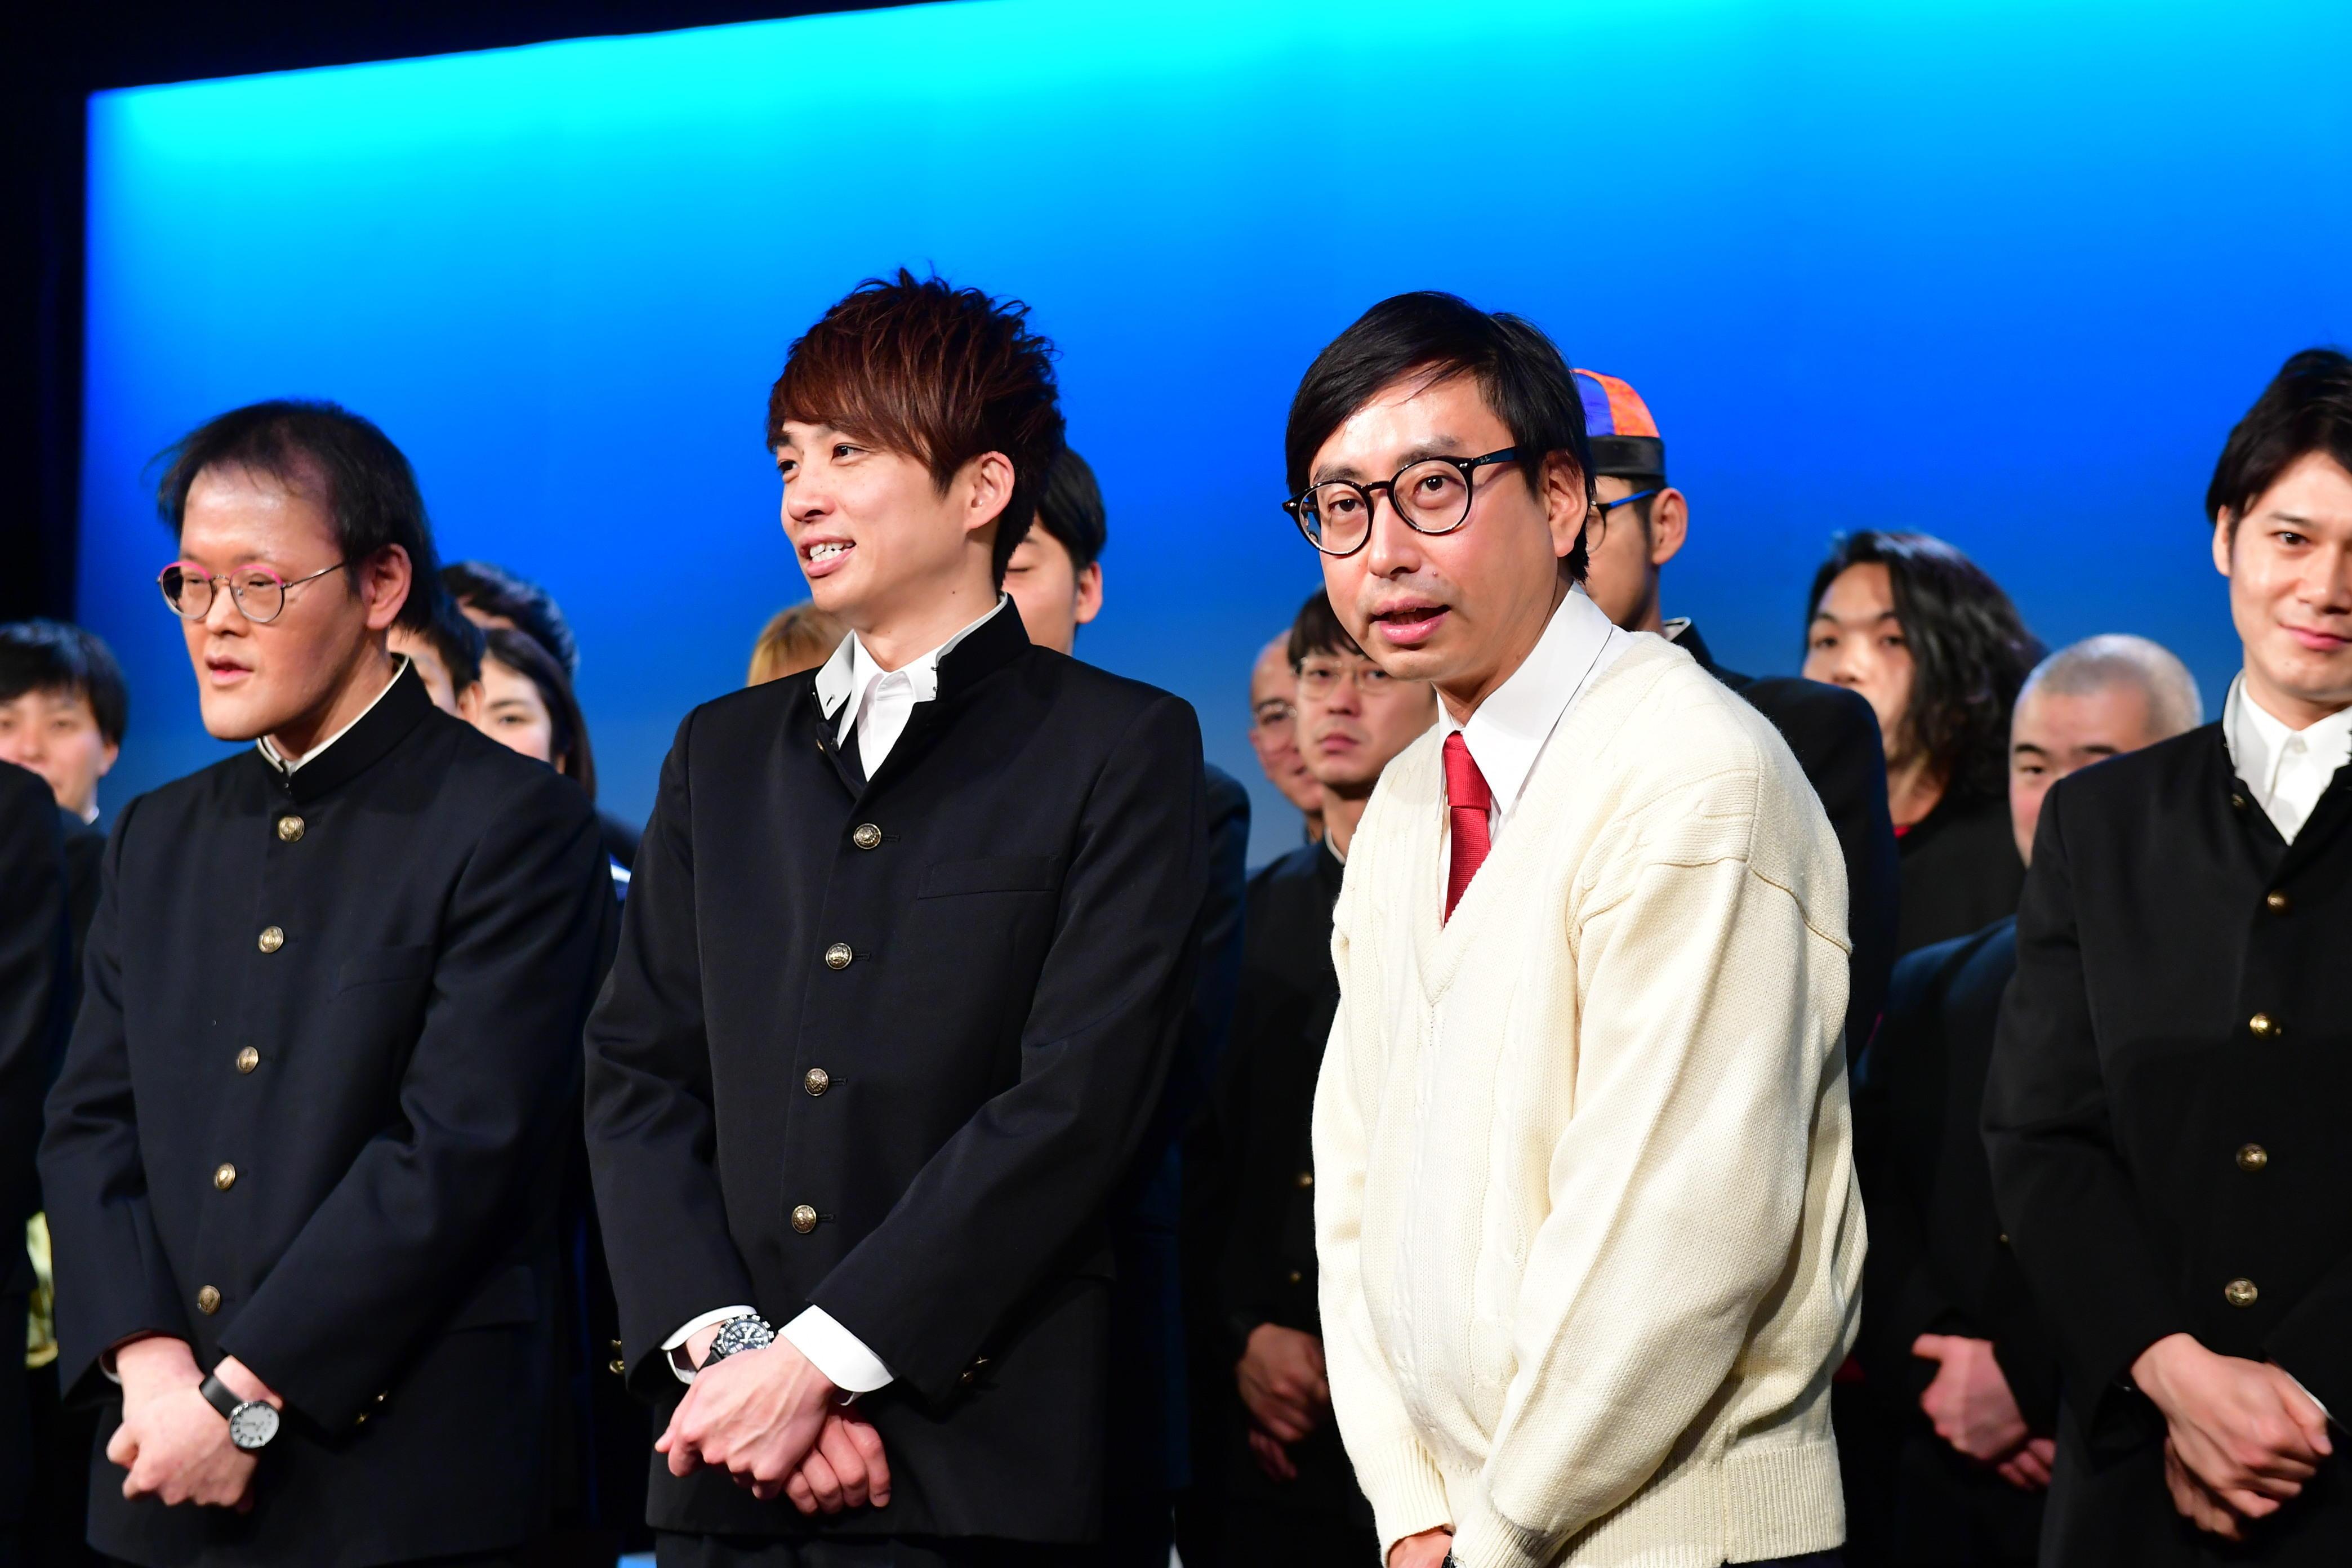 http://news.yoshimoto.co.jp/20181220090300-2ba5e4e55c9f41b46e30192937004dee05a32f14.jpg